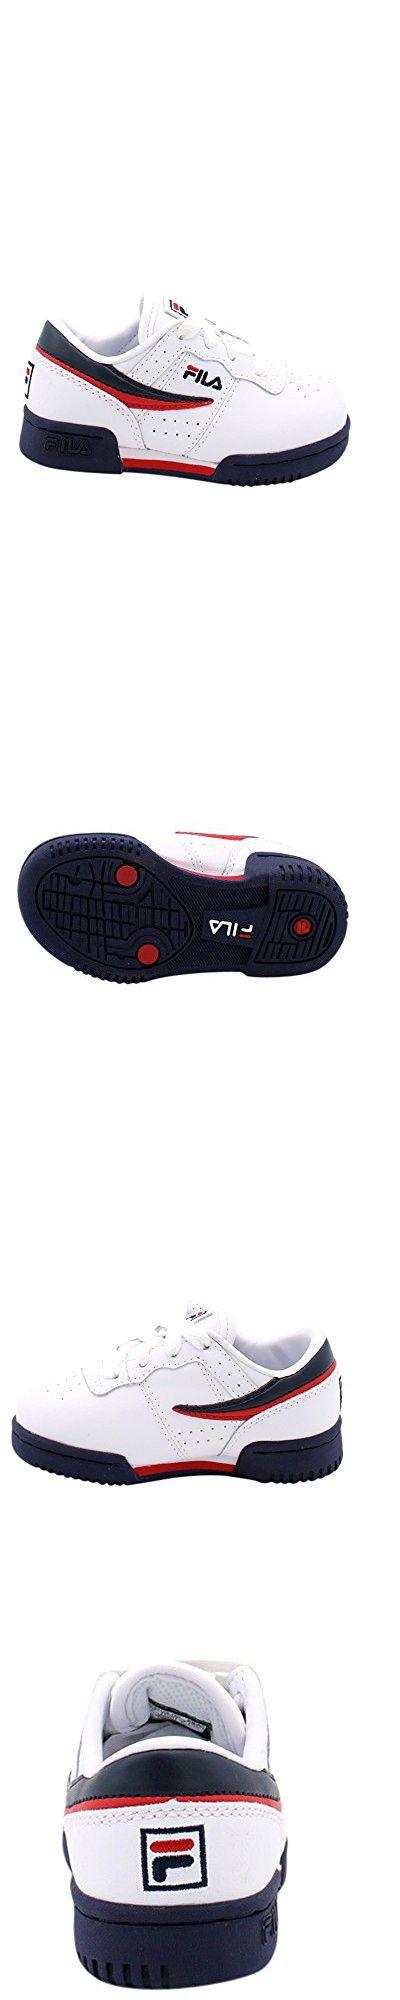 dd14de8b8ee0 Fils - Boy s Original Fitness Lo Sneakers (Toddler)